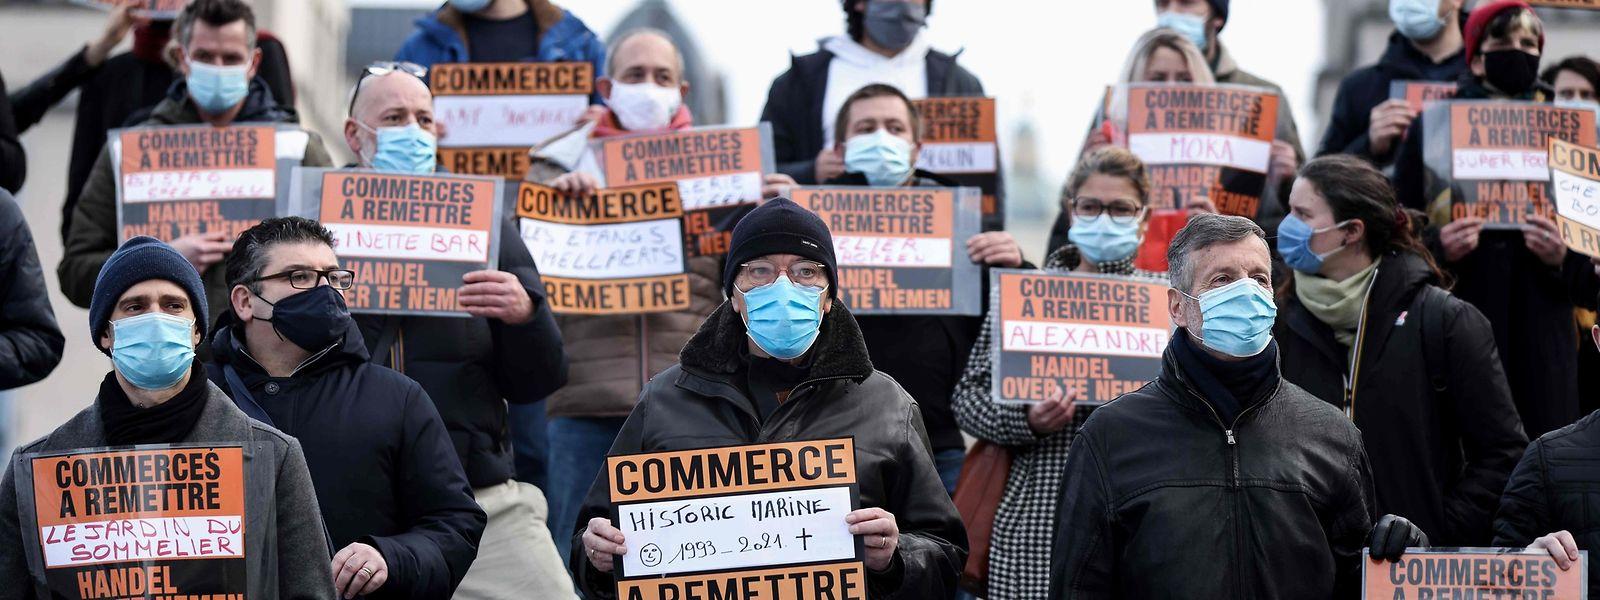 Comme ici, à Bruxelles, commerçants et restaurateurs continuent de manifester face aux restrictions qui ont mis leur activité à l'arrêt.